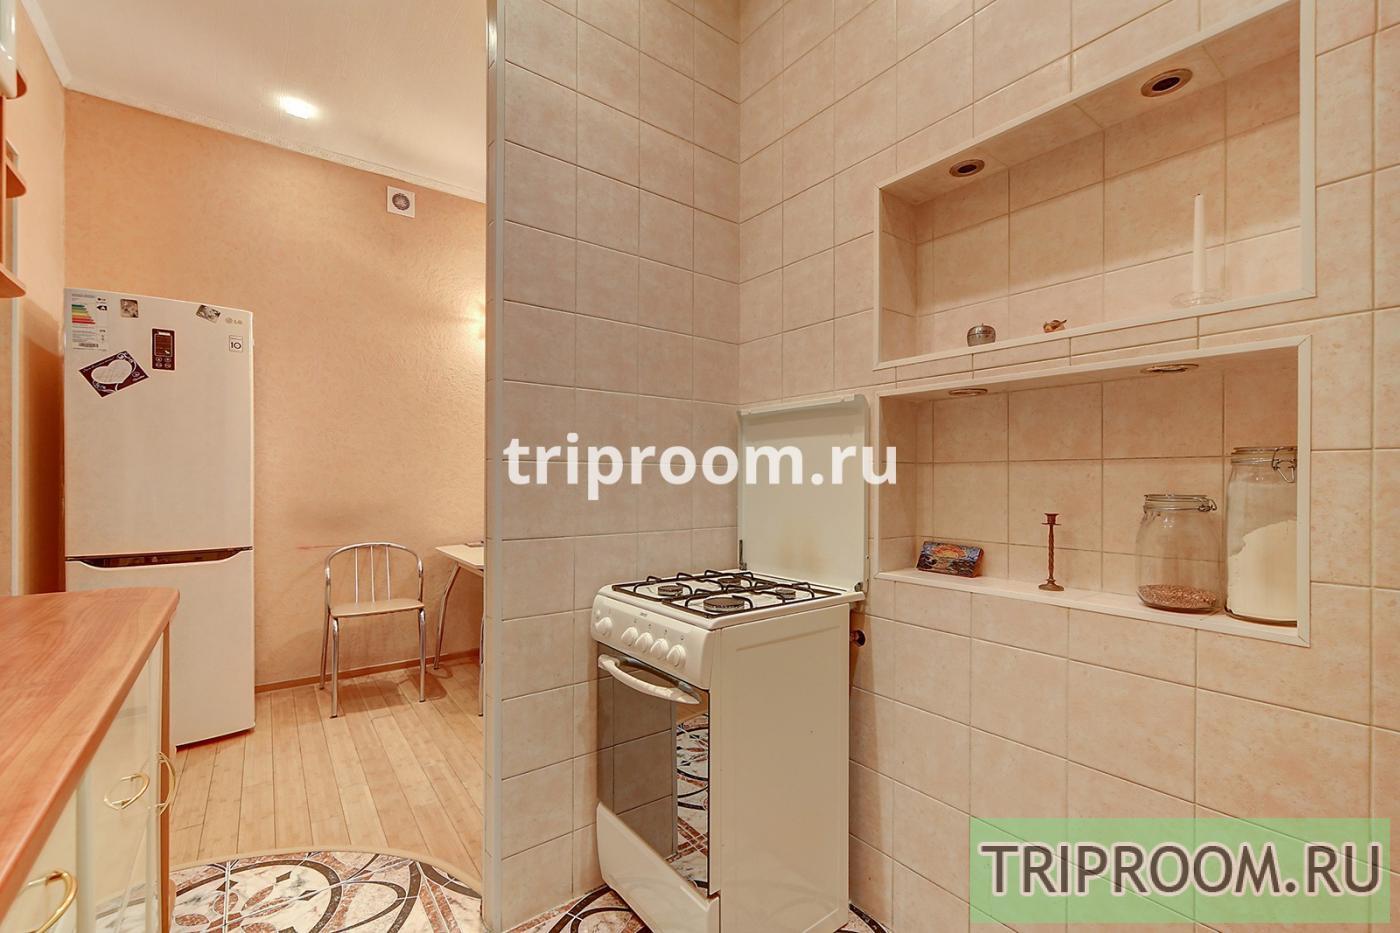 2-комнатная квартира посуточно (вариант № 15459), ул. Адмиралтейская набережная, фото № 20